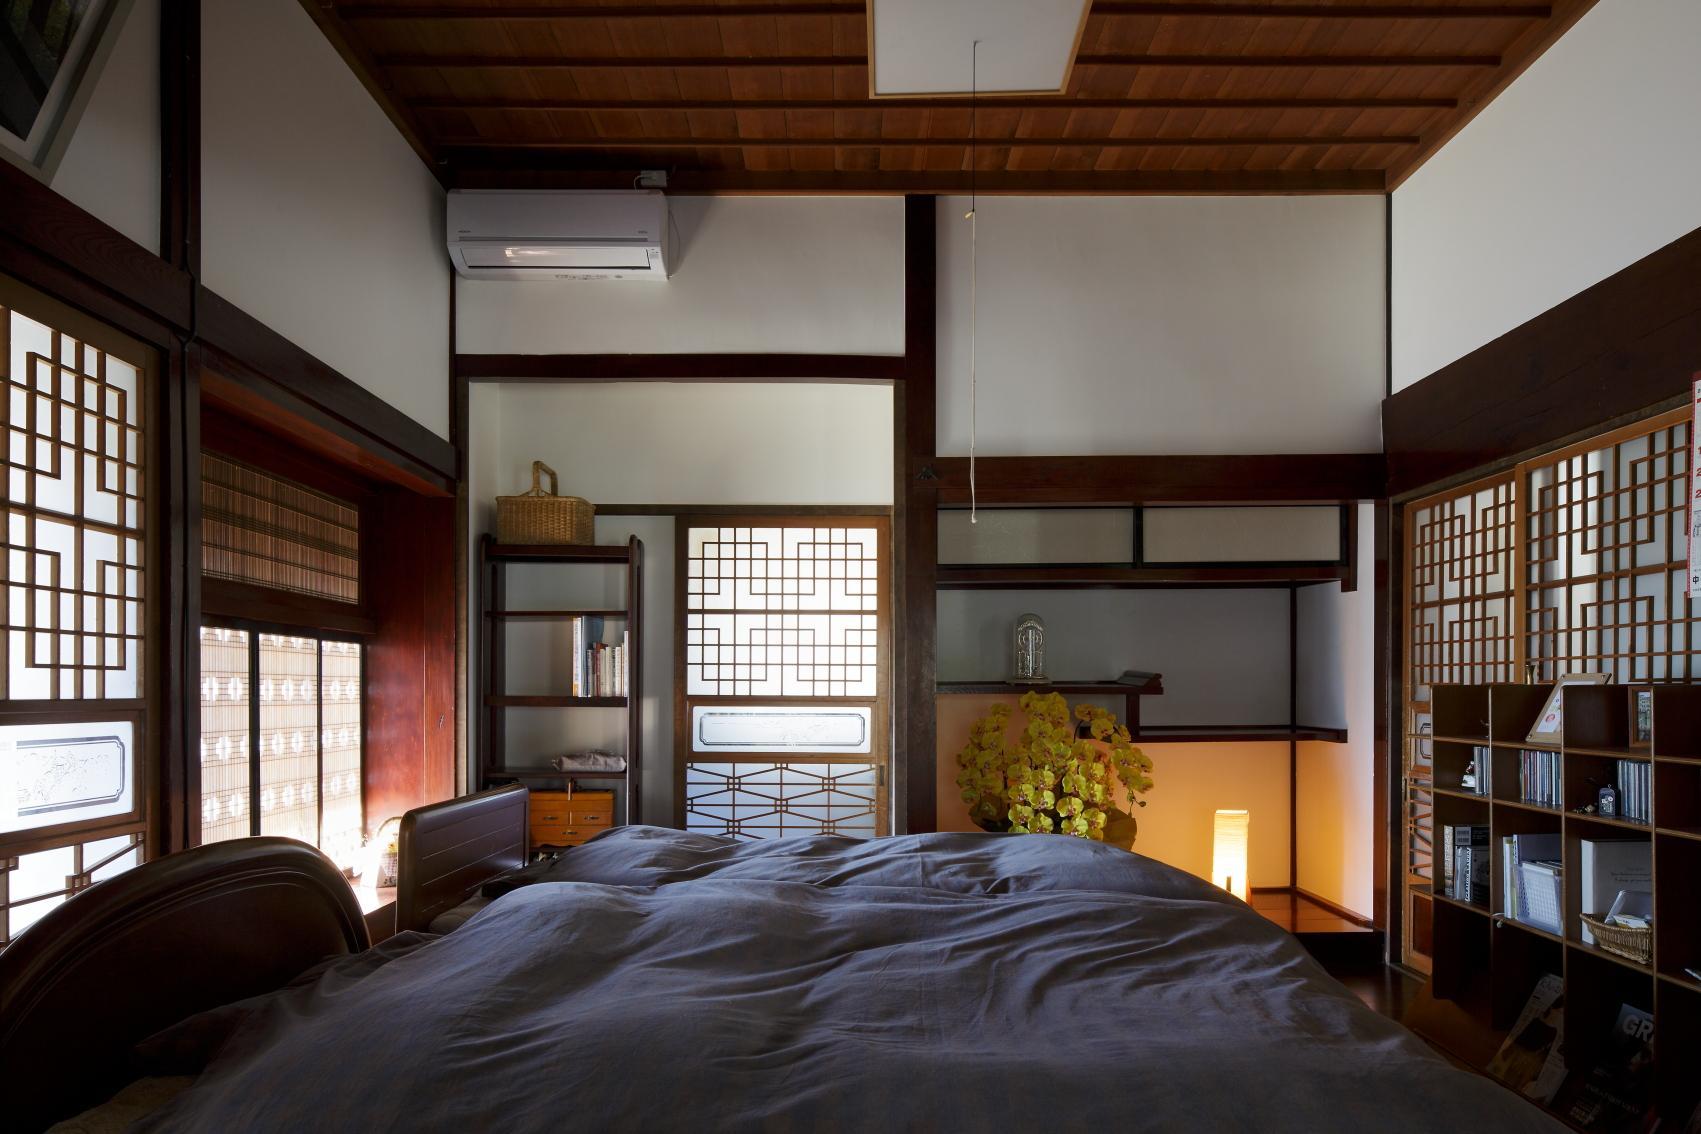 ニ間続きの和室の一方をフローリングにしてベッドを置いた。床の間があった場所には、ウォークインクロゼットへと続く引き戸を設けている